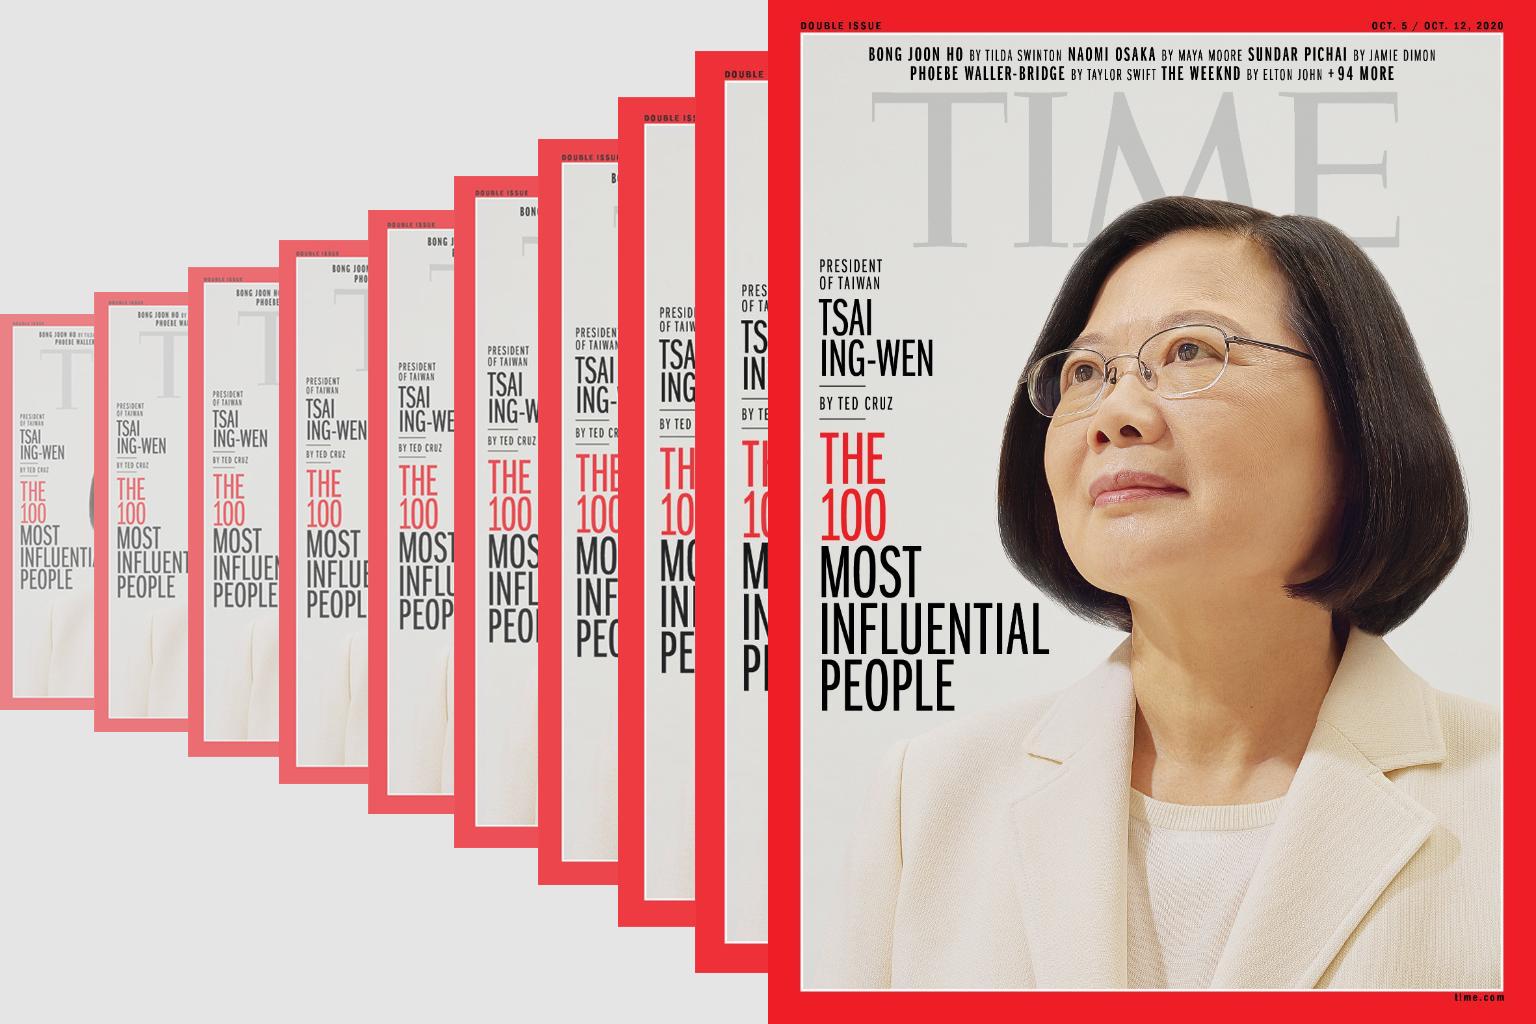 2020年,中華民國總統蔡英文再度入選《時代》雜誌百大風雲人物。(Time, 大紀元合成)